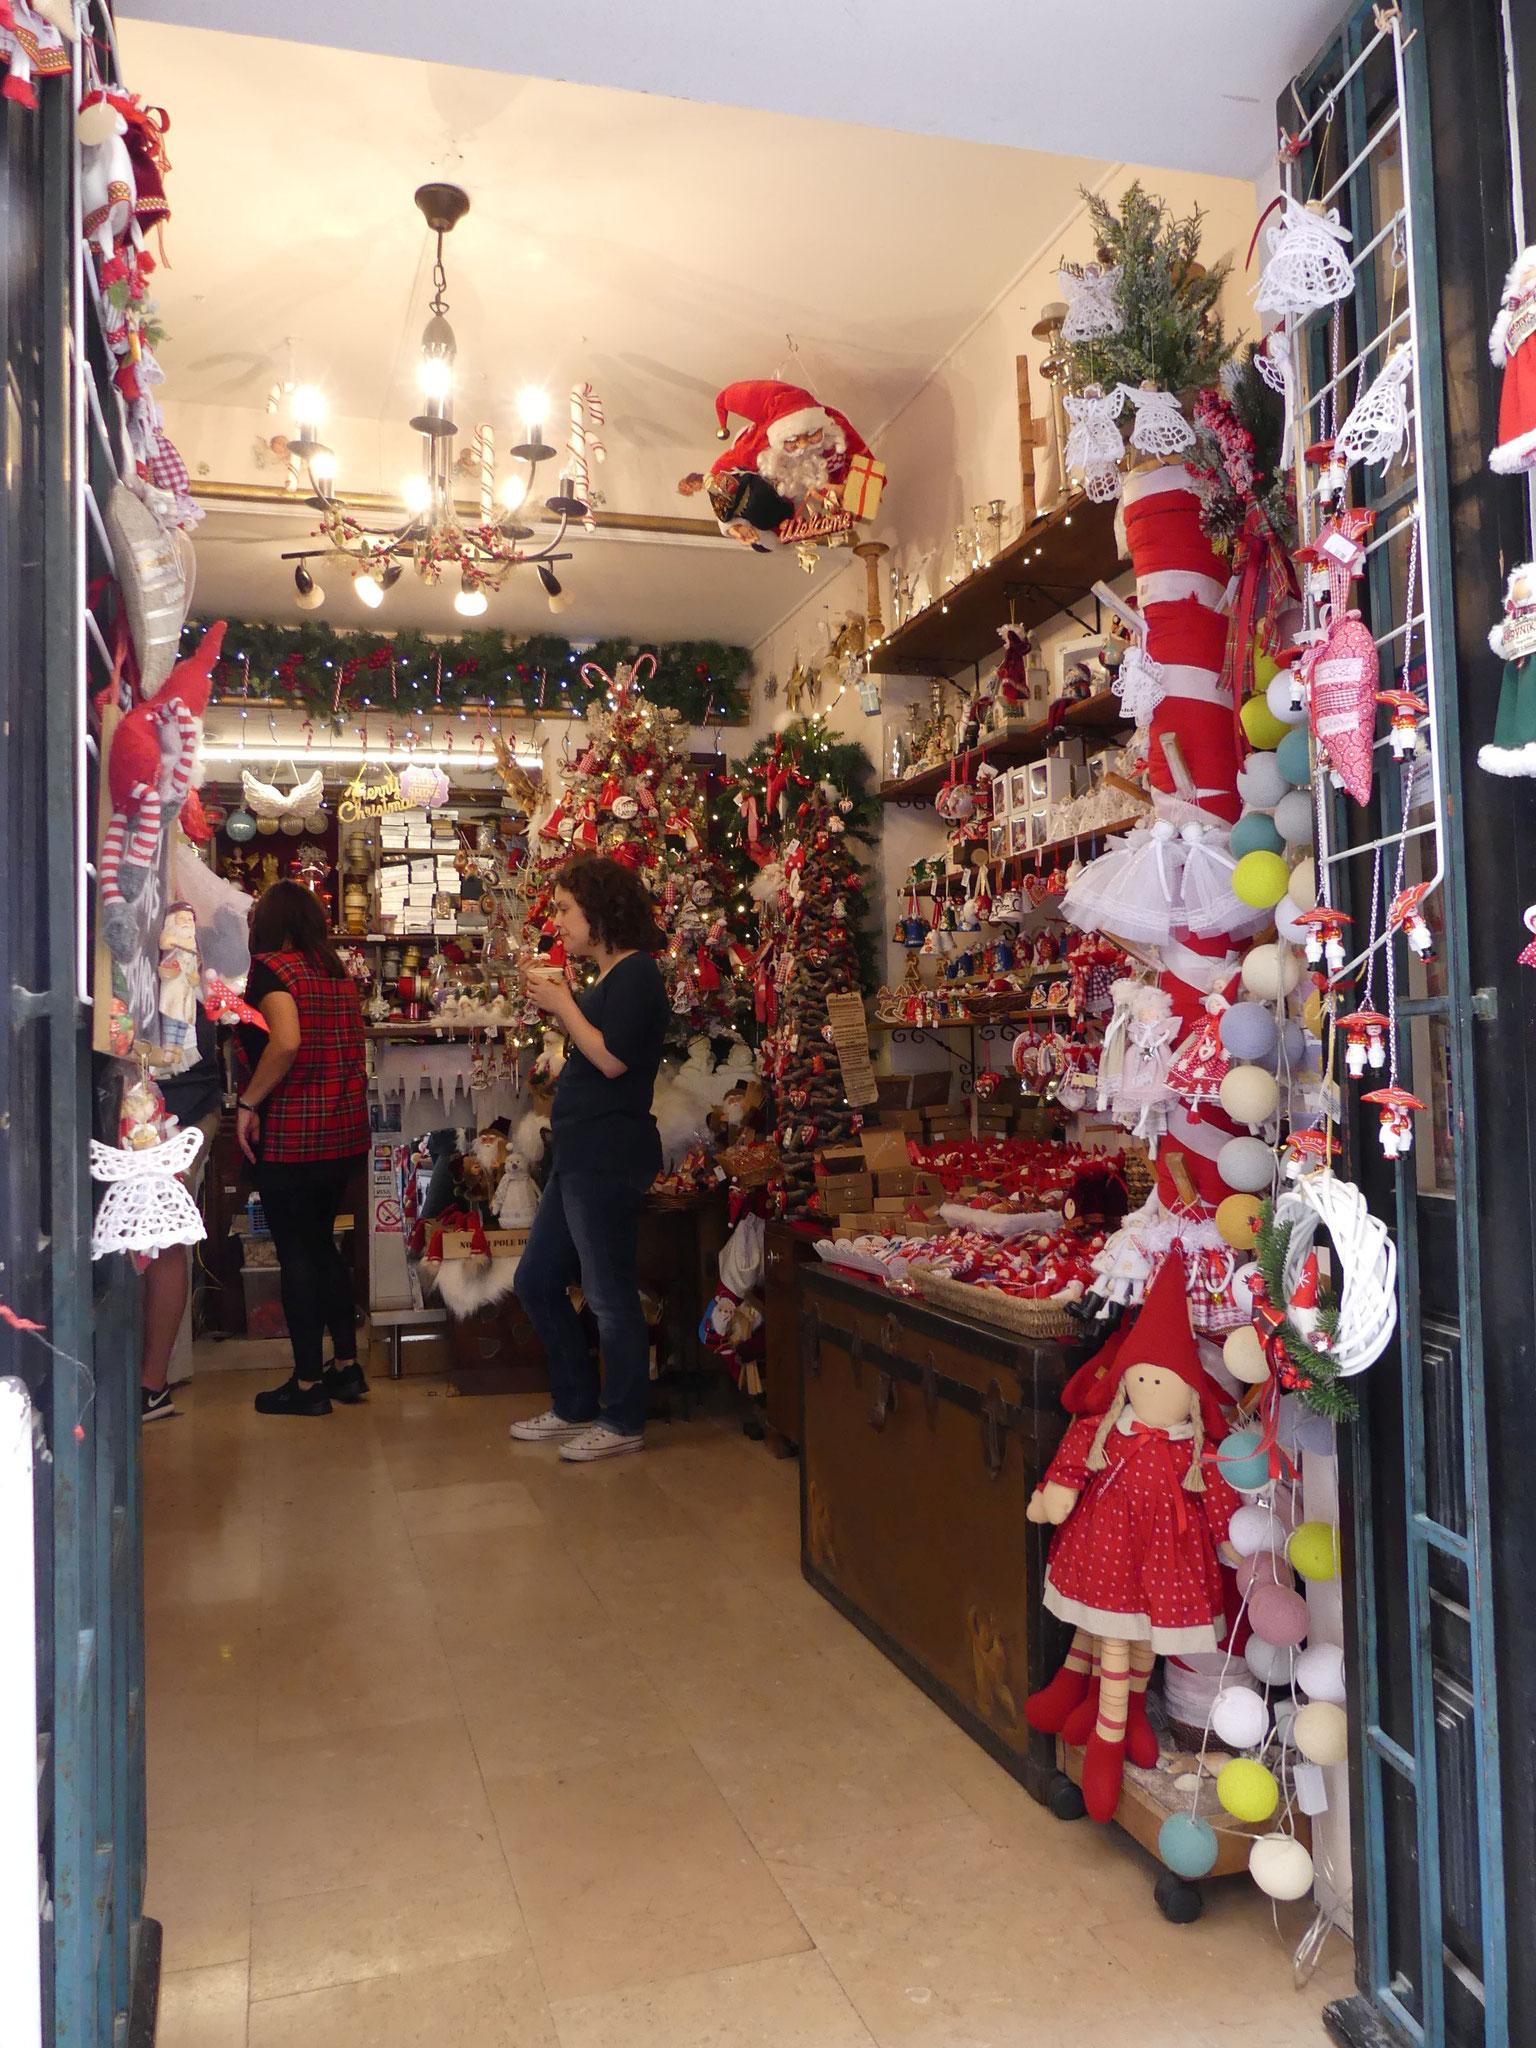 Und in all dem Gewusel und Gewimmel glaubst Du plötzlich, Du phantasierst oder träumst .... ein Weihnachtsshop!